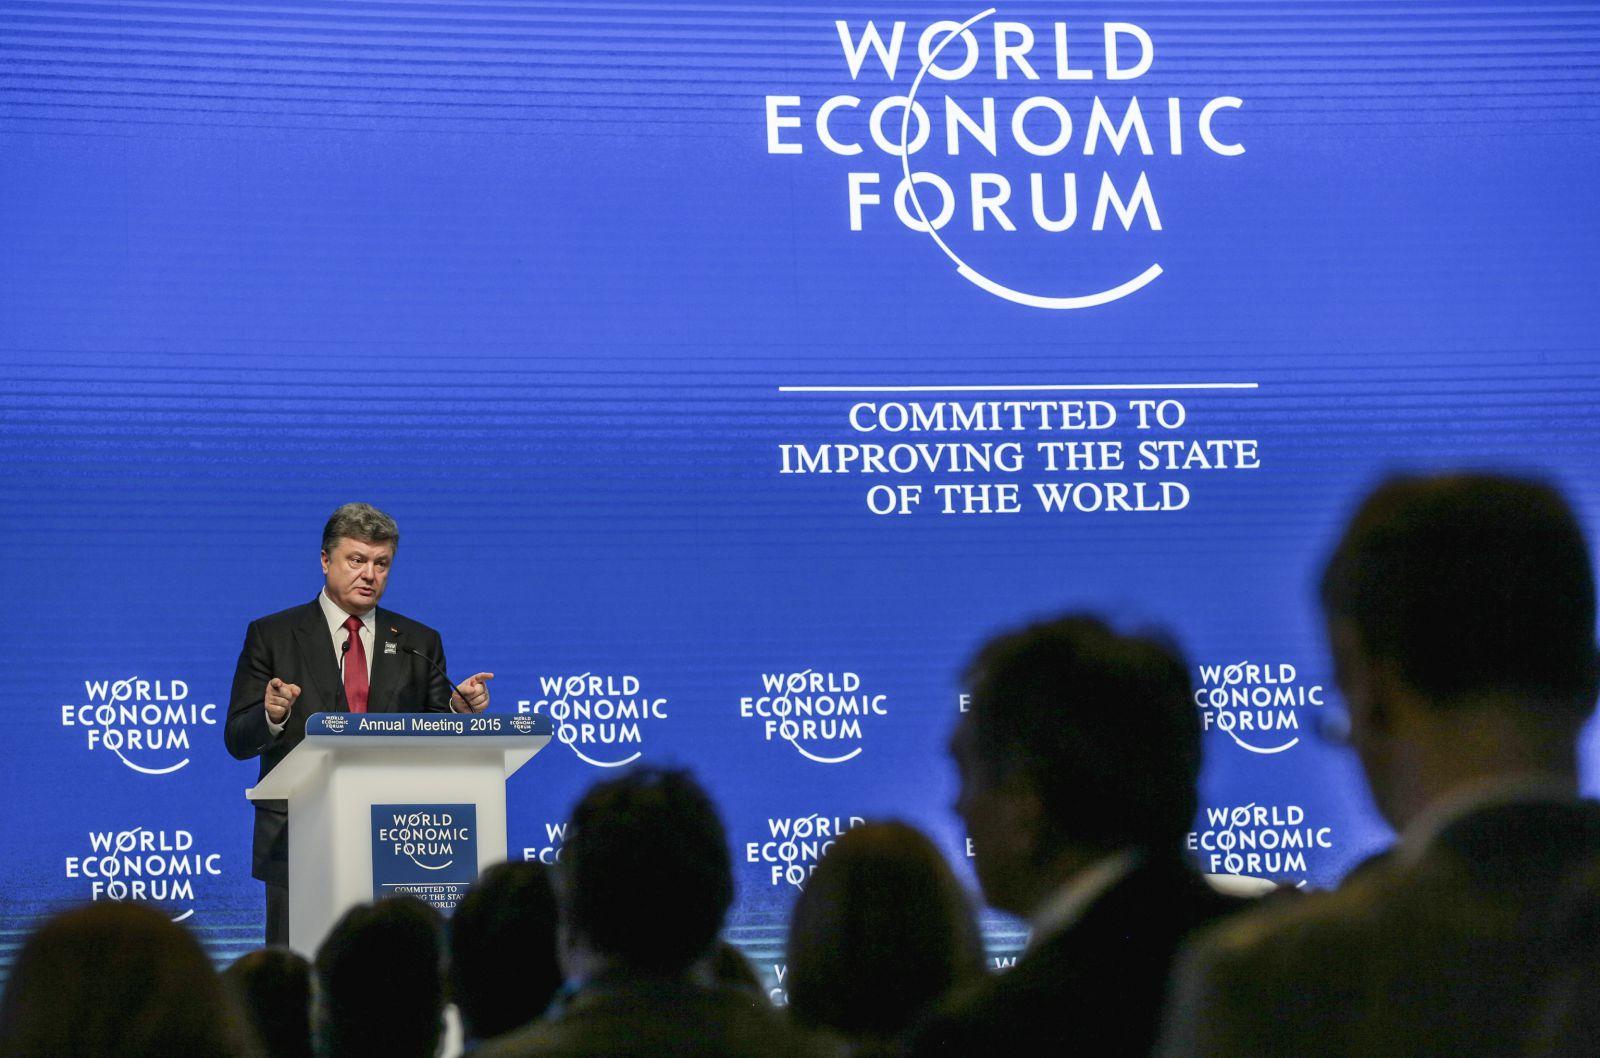 Порошенко отверг новые мирные договора по Донбассу (ФОТО)